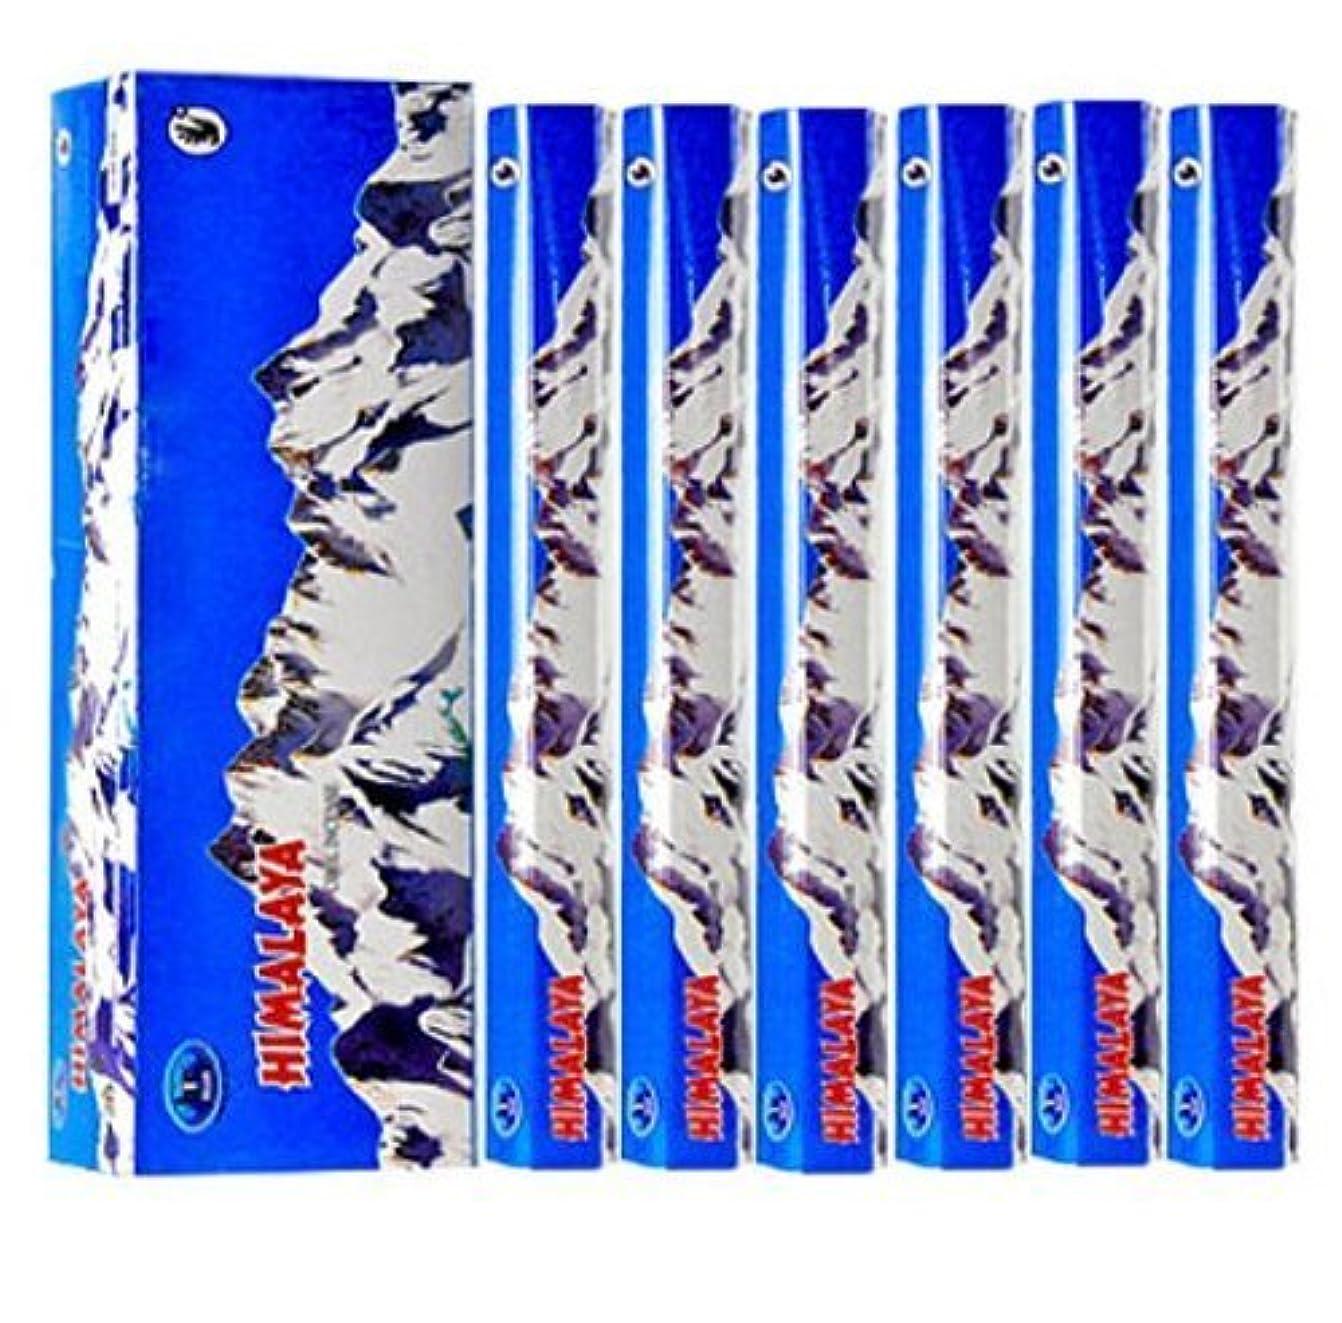 劇的折り目きらめきHimalaya – 120 Sticksボックス – Bic Incense